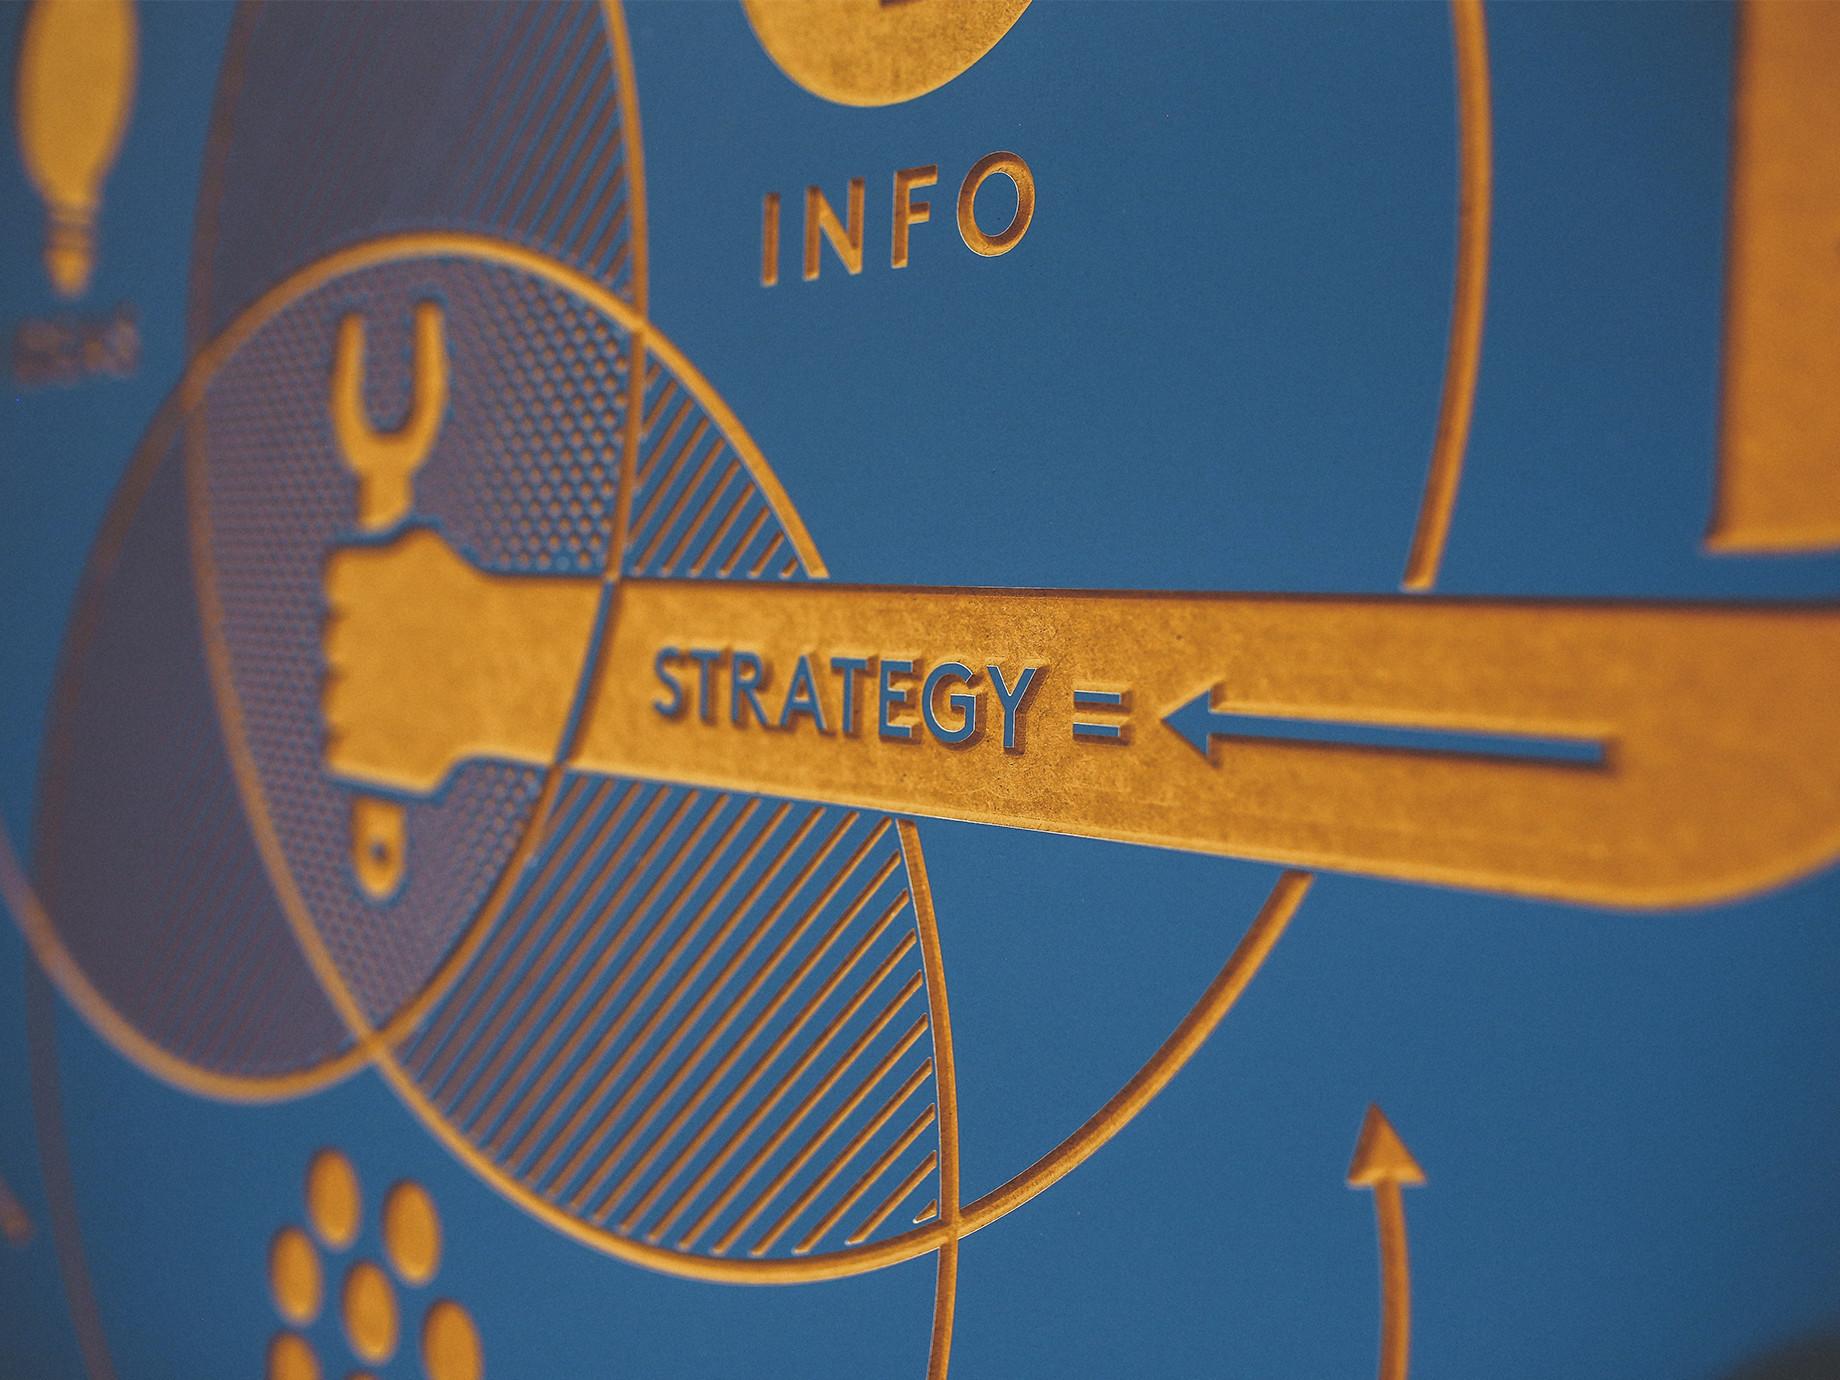 只會SEO還不夠!專業行銷人員,都該有這5大跨領域能力